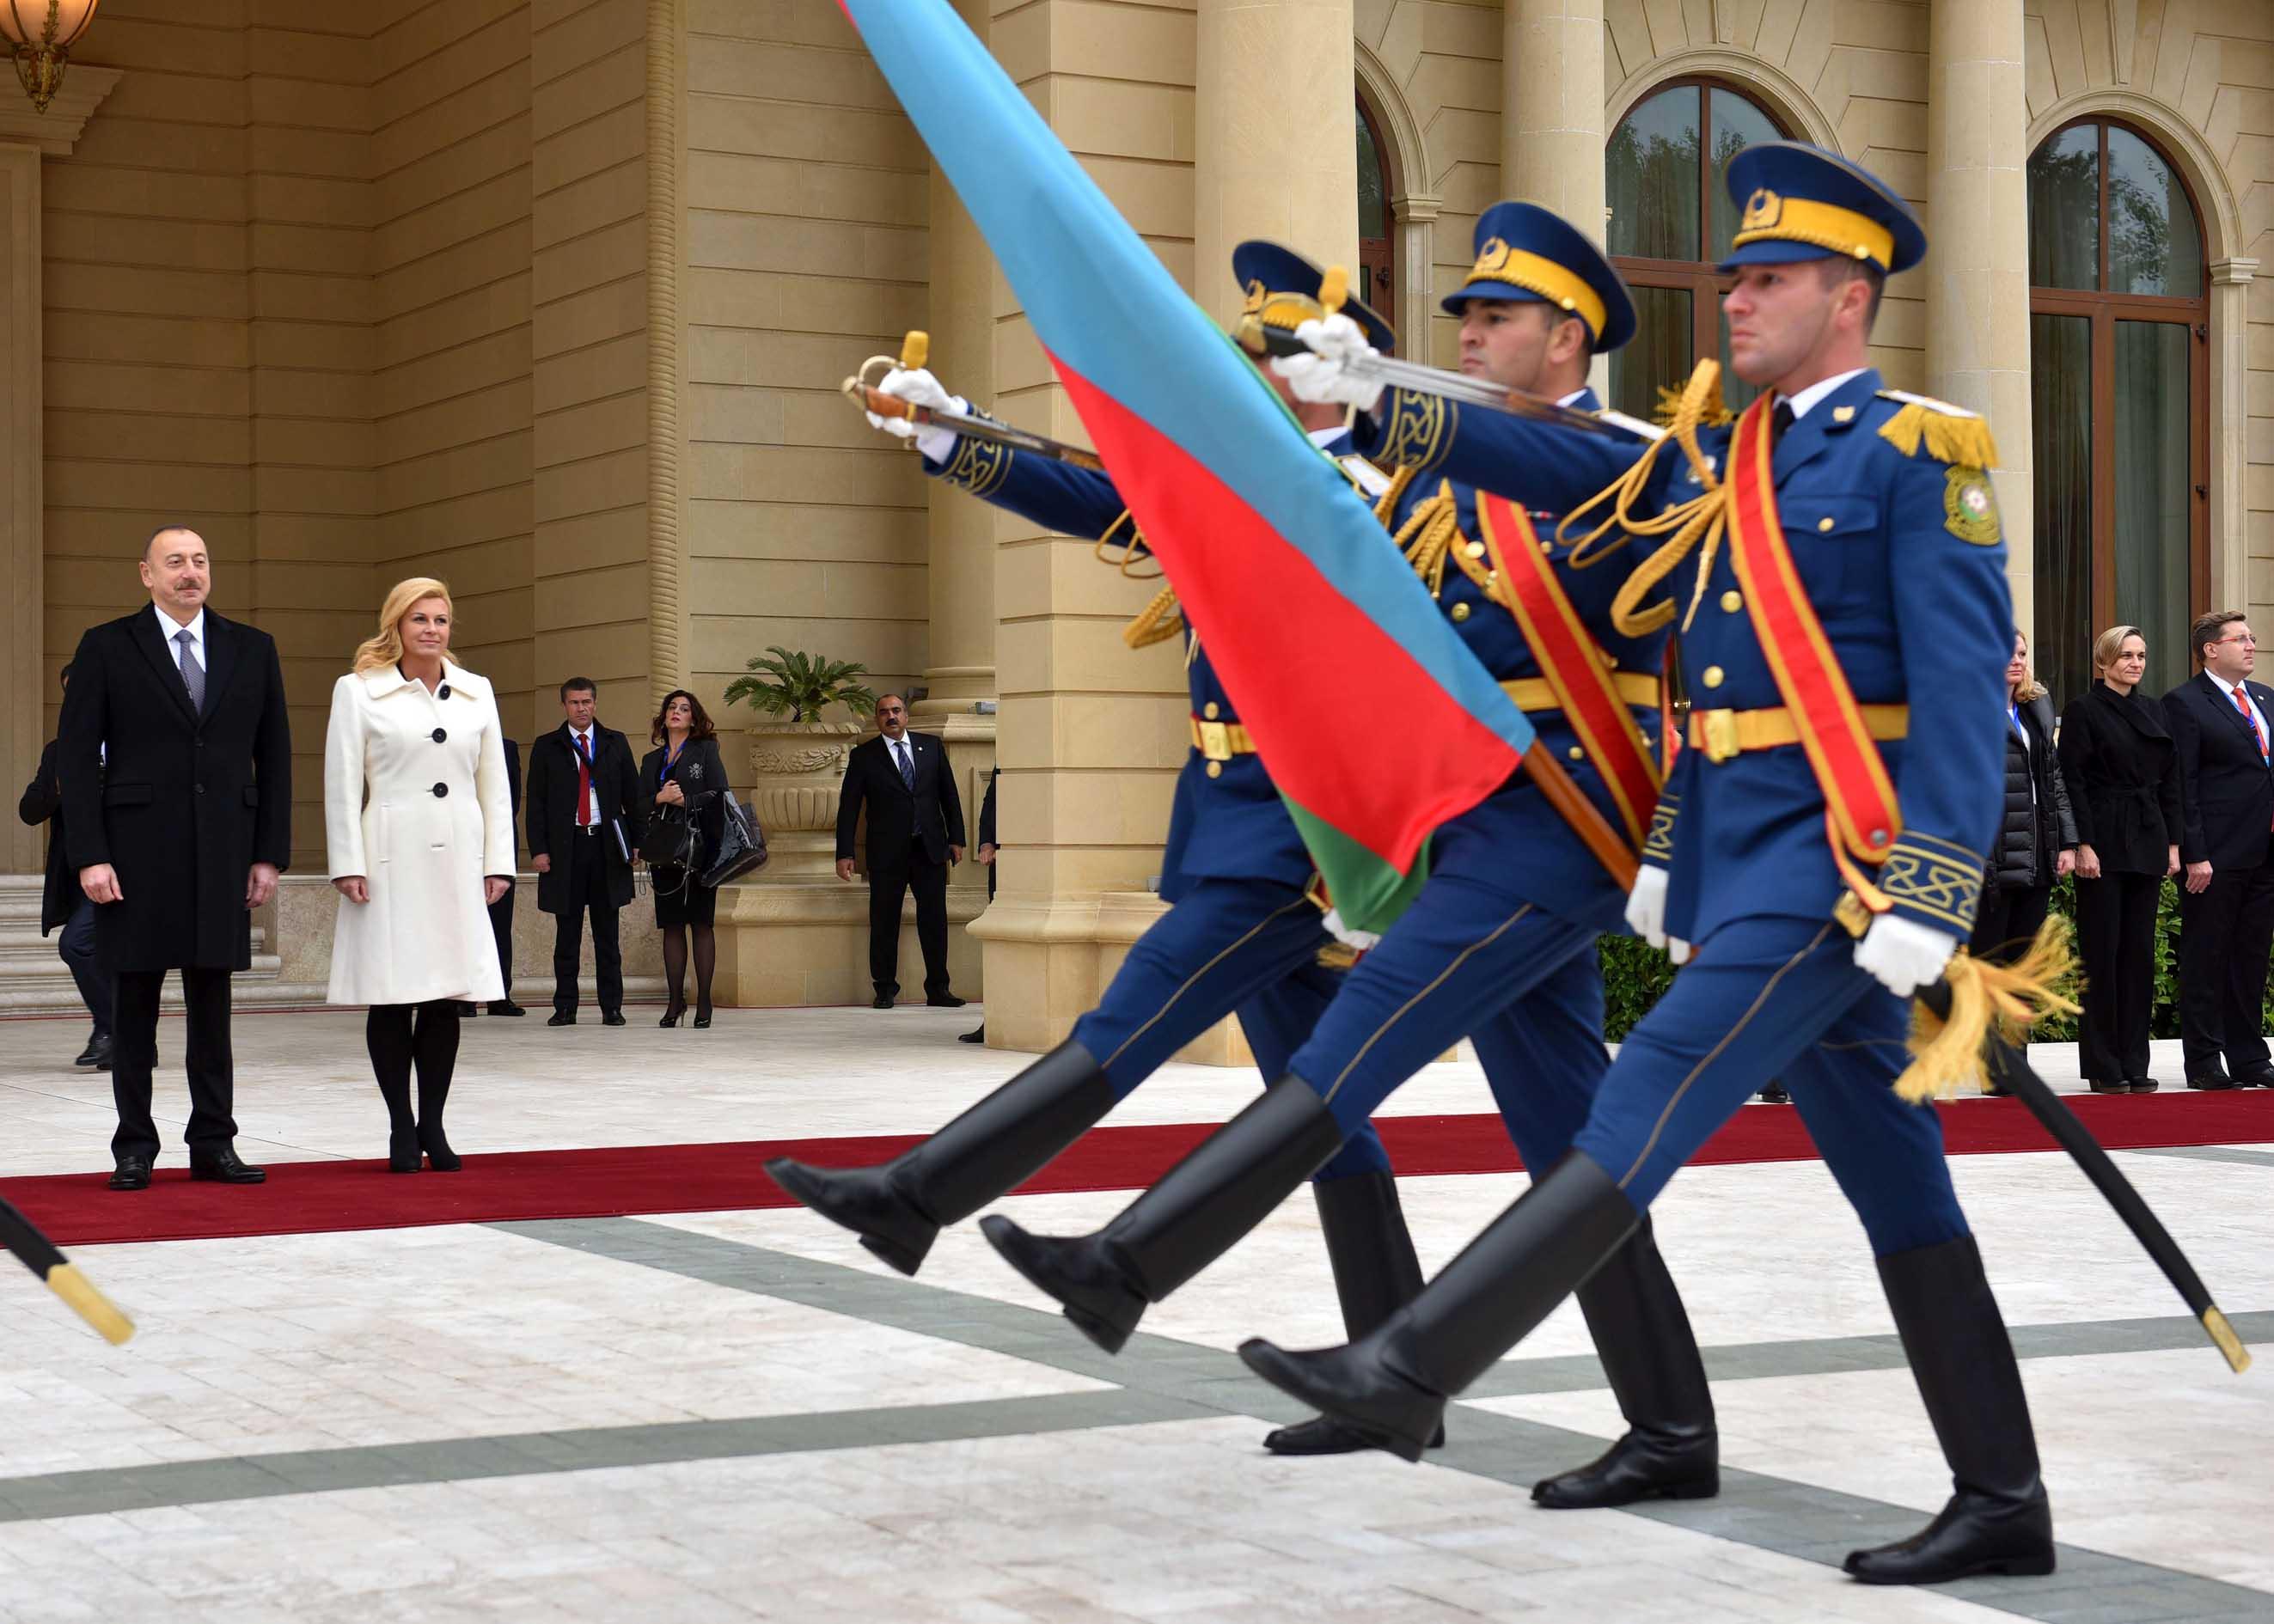 Predsjednica u službenom posjetu Azerbajdžanu